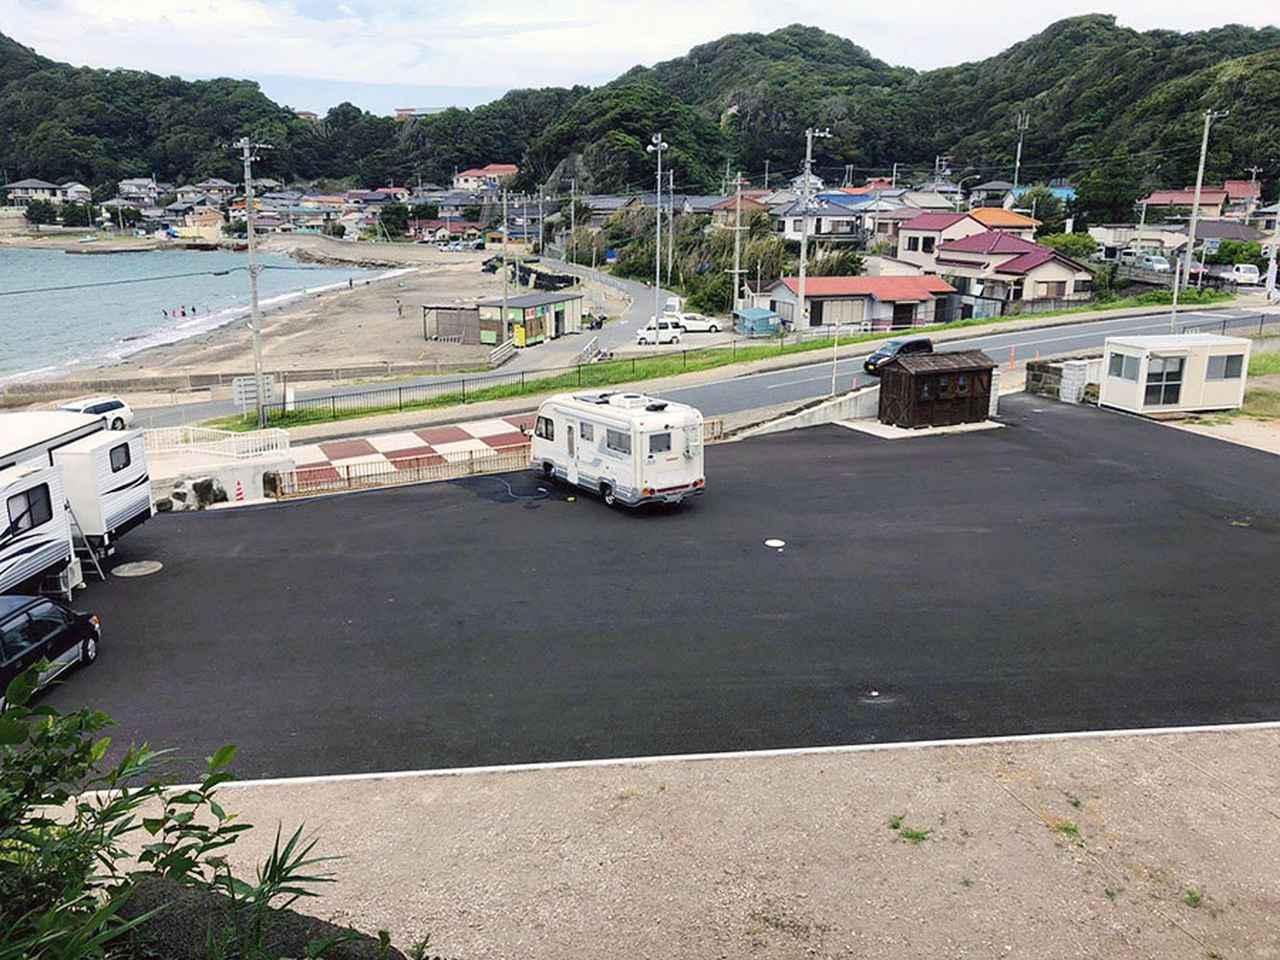 画像2: 冨浦海岸まではだしで行ける! リゾート気分たっぷりのRVパーク